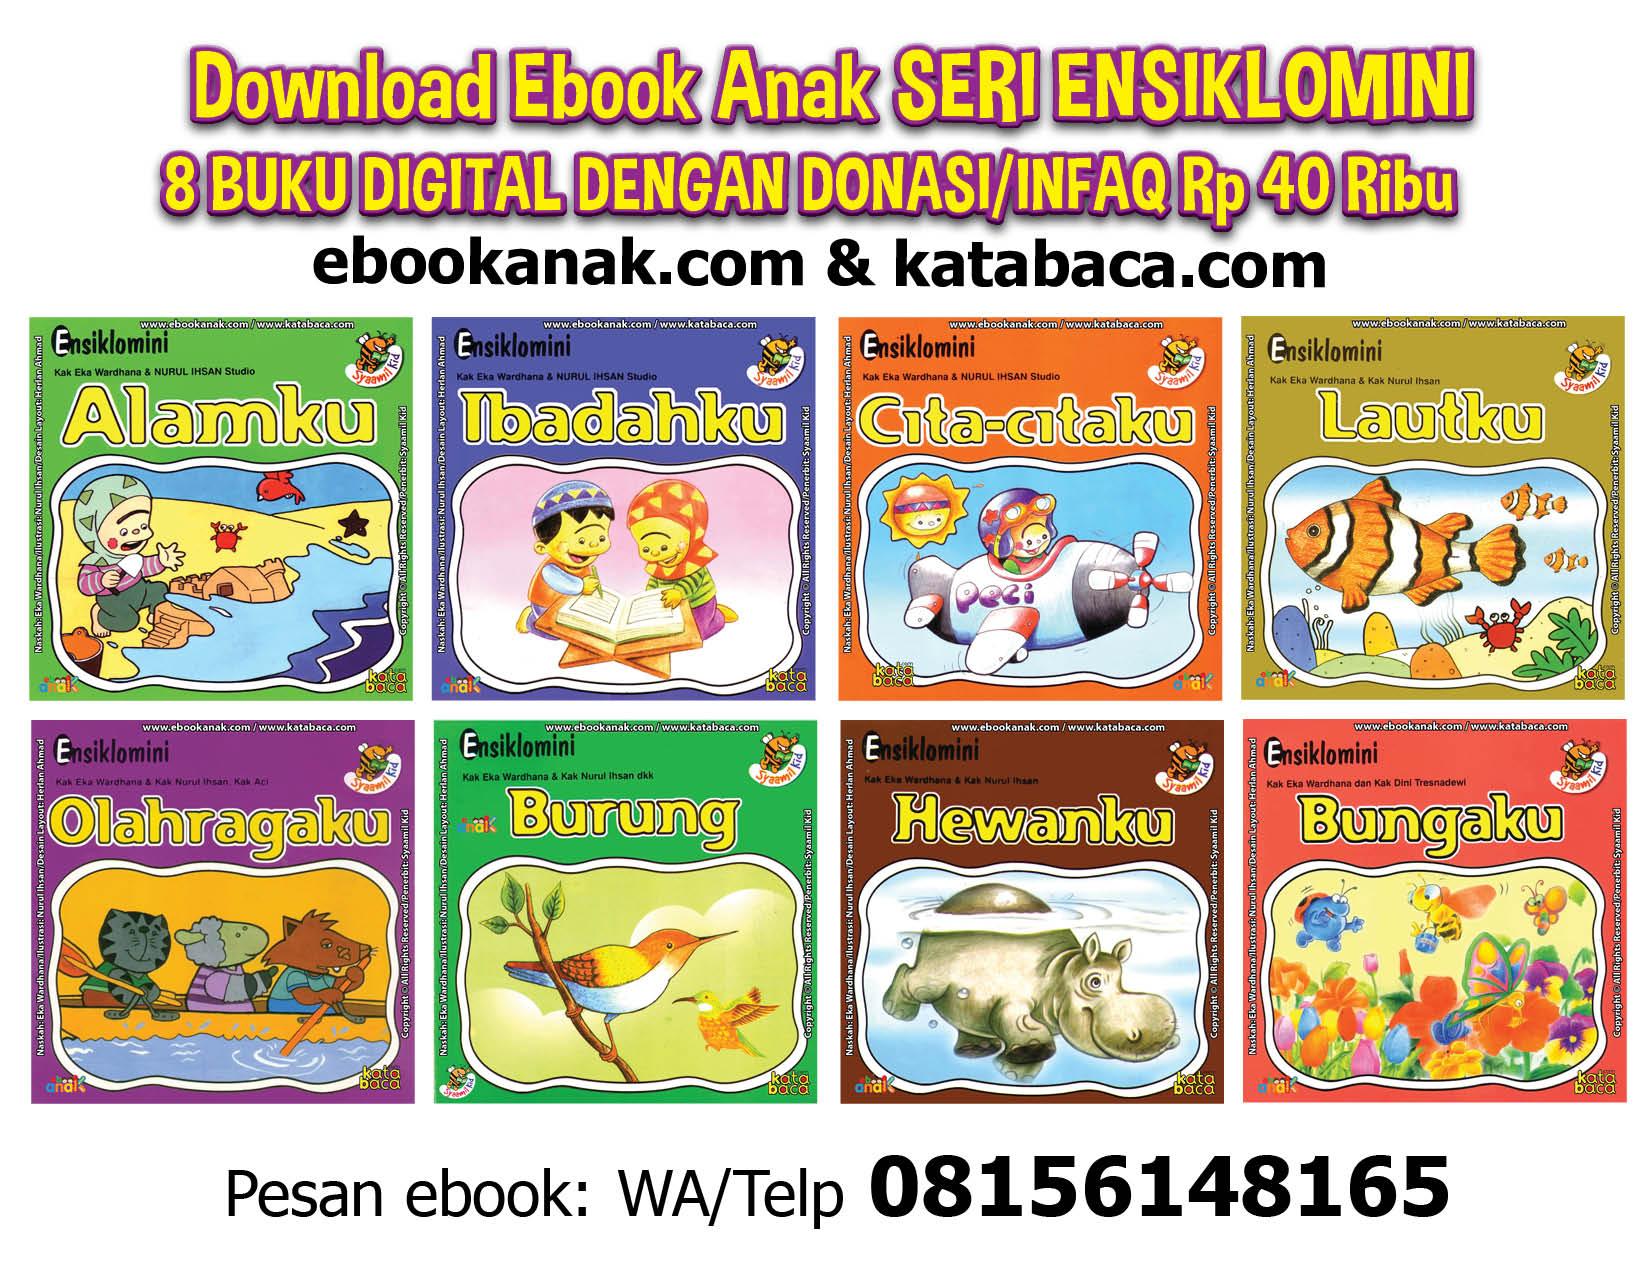 download 8 ebook seri ensiklomini